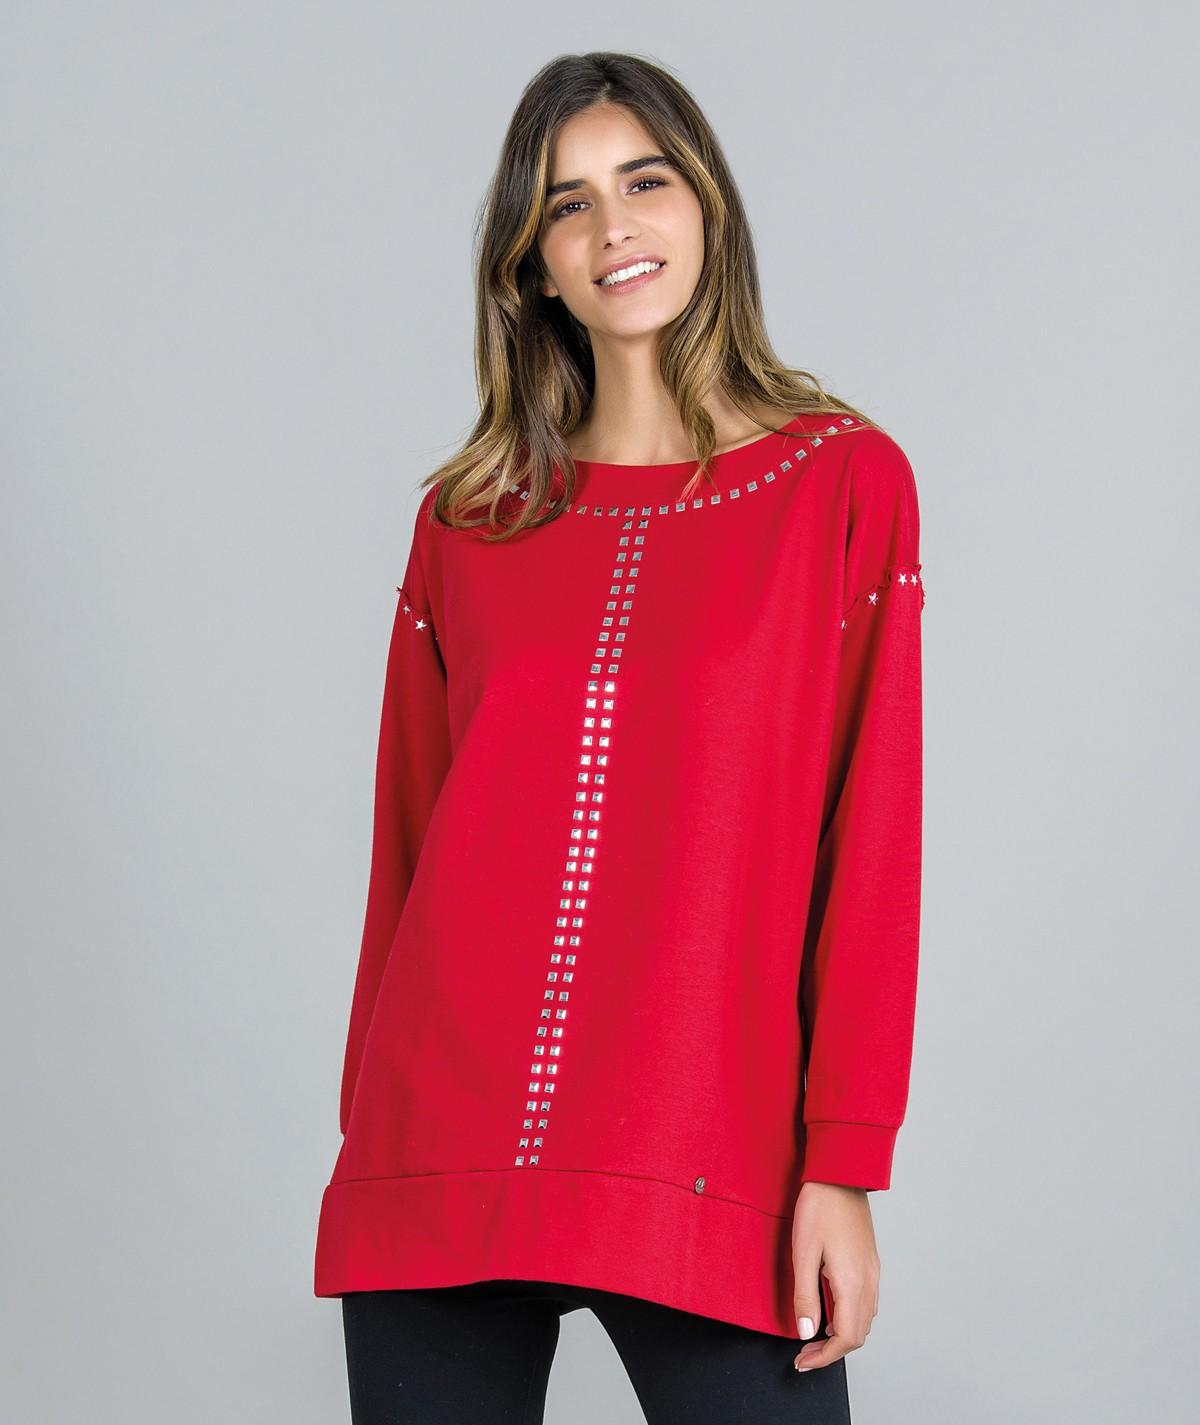 Sweater com tachas